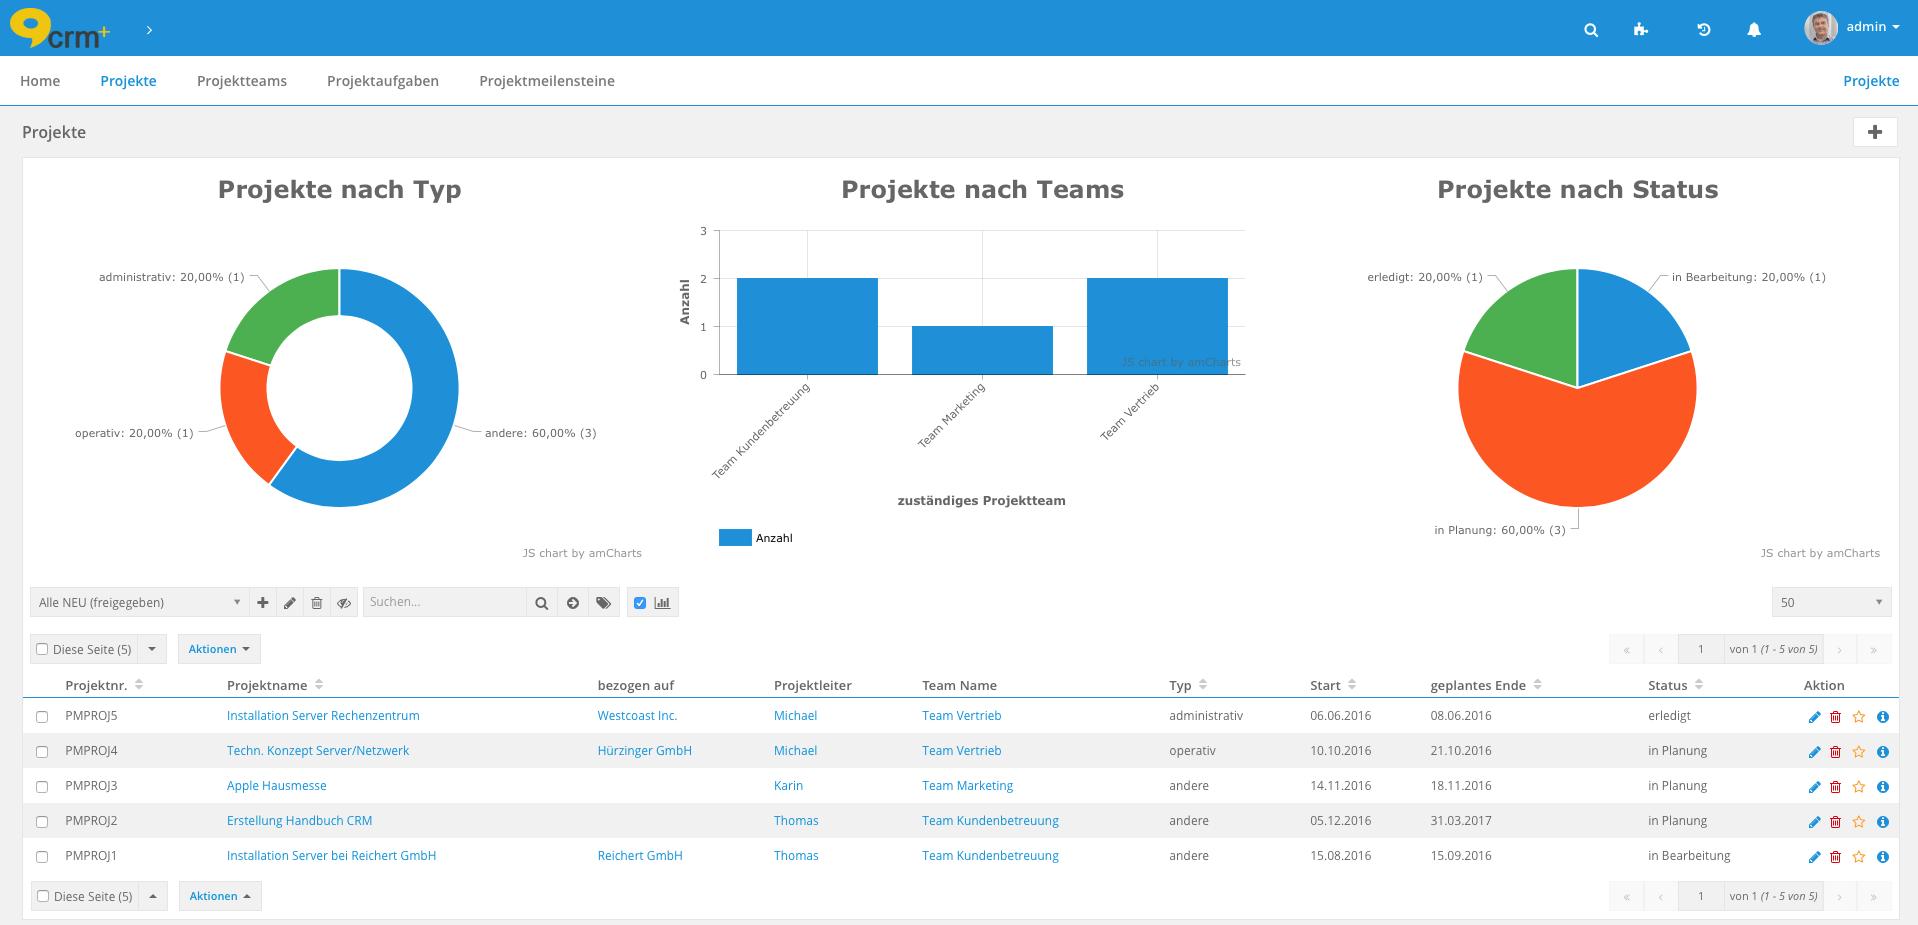 Projekt-Übersicht in der CRM-Software CRM+